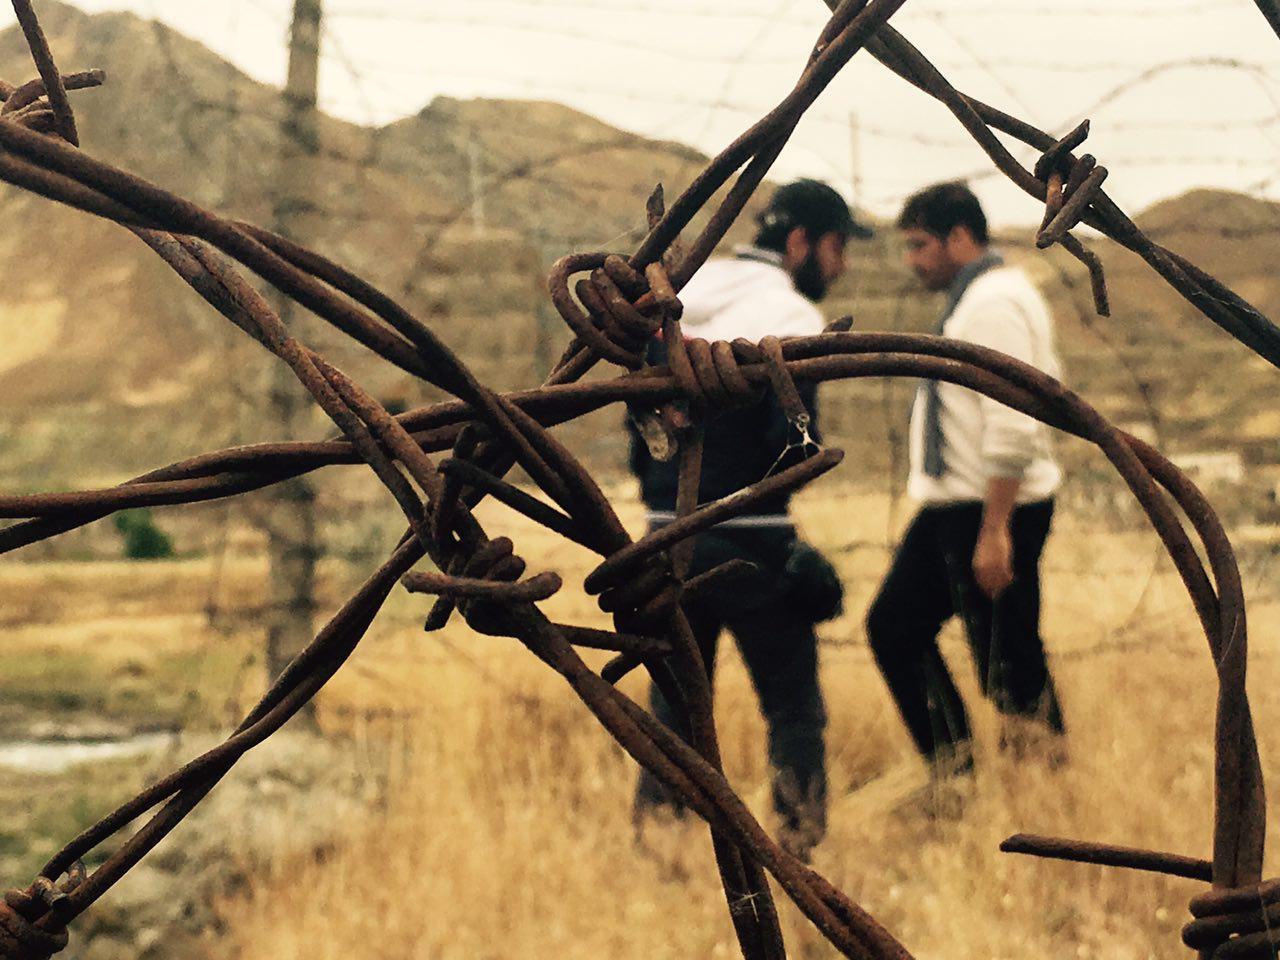 ناگفتههای جنگ قرهباغ/ گمنامی شهدای ایرانی جنگ قرهباغ در ۲ سوی ارس